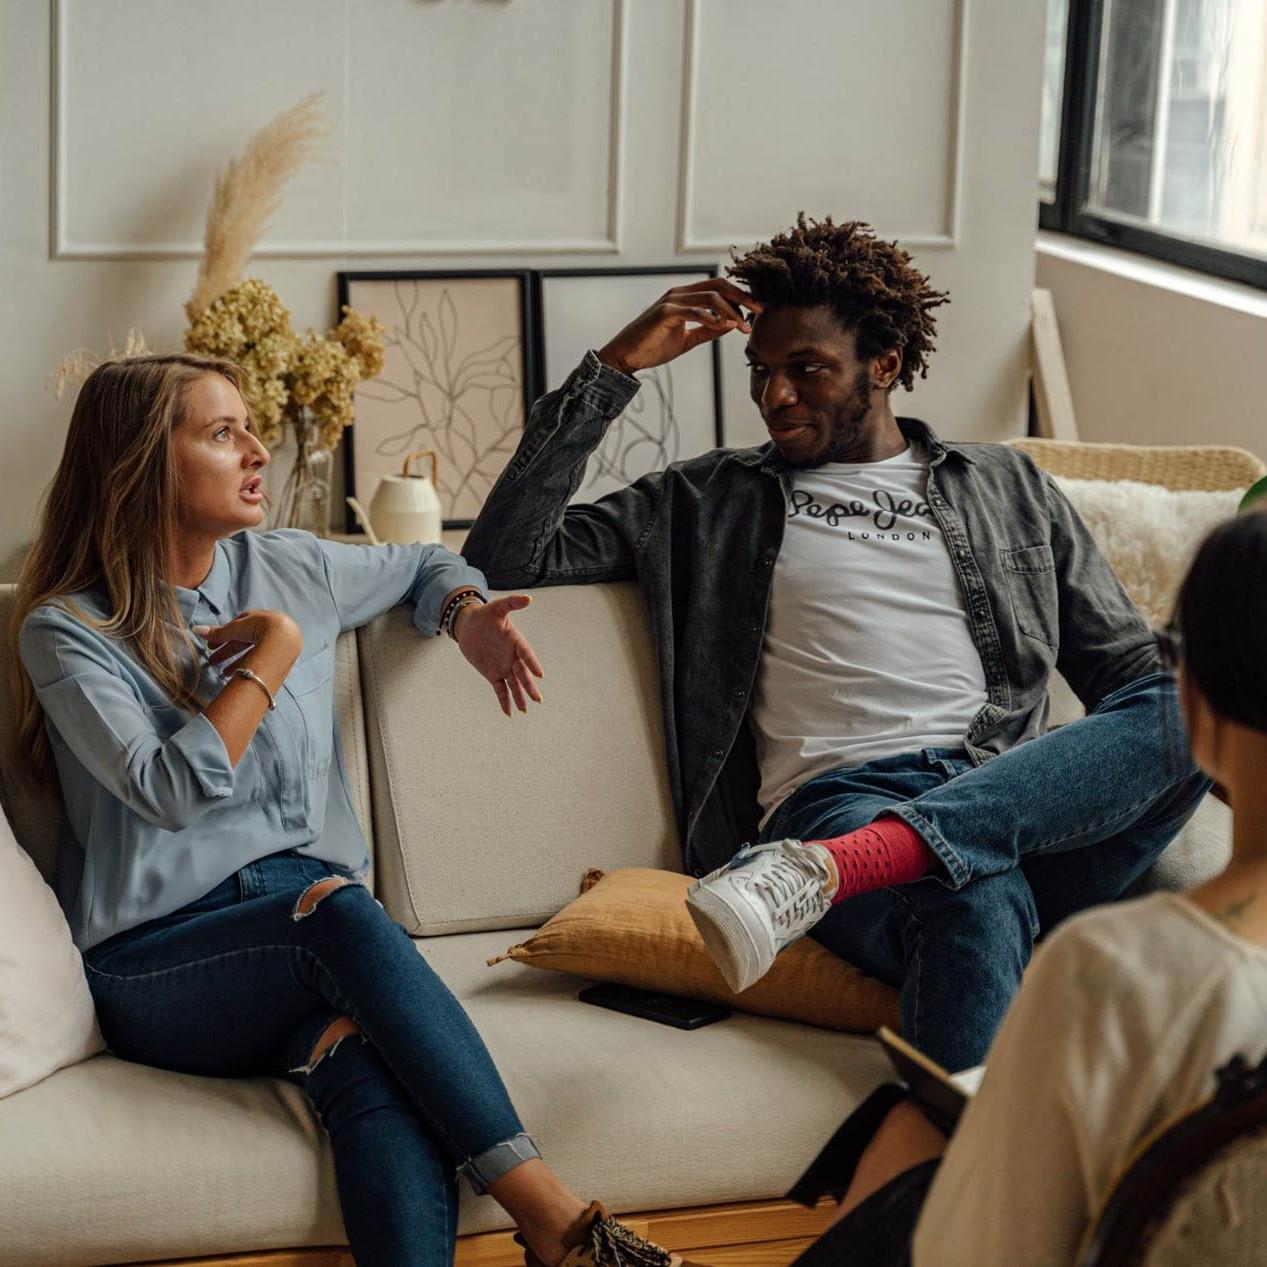 Consejos básicos para mantener la comunicación con tu pareja